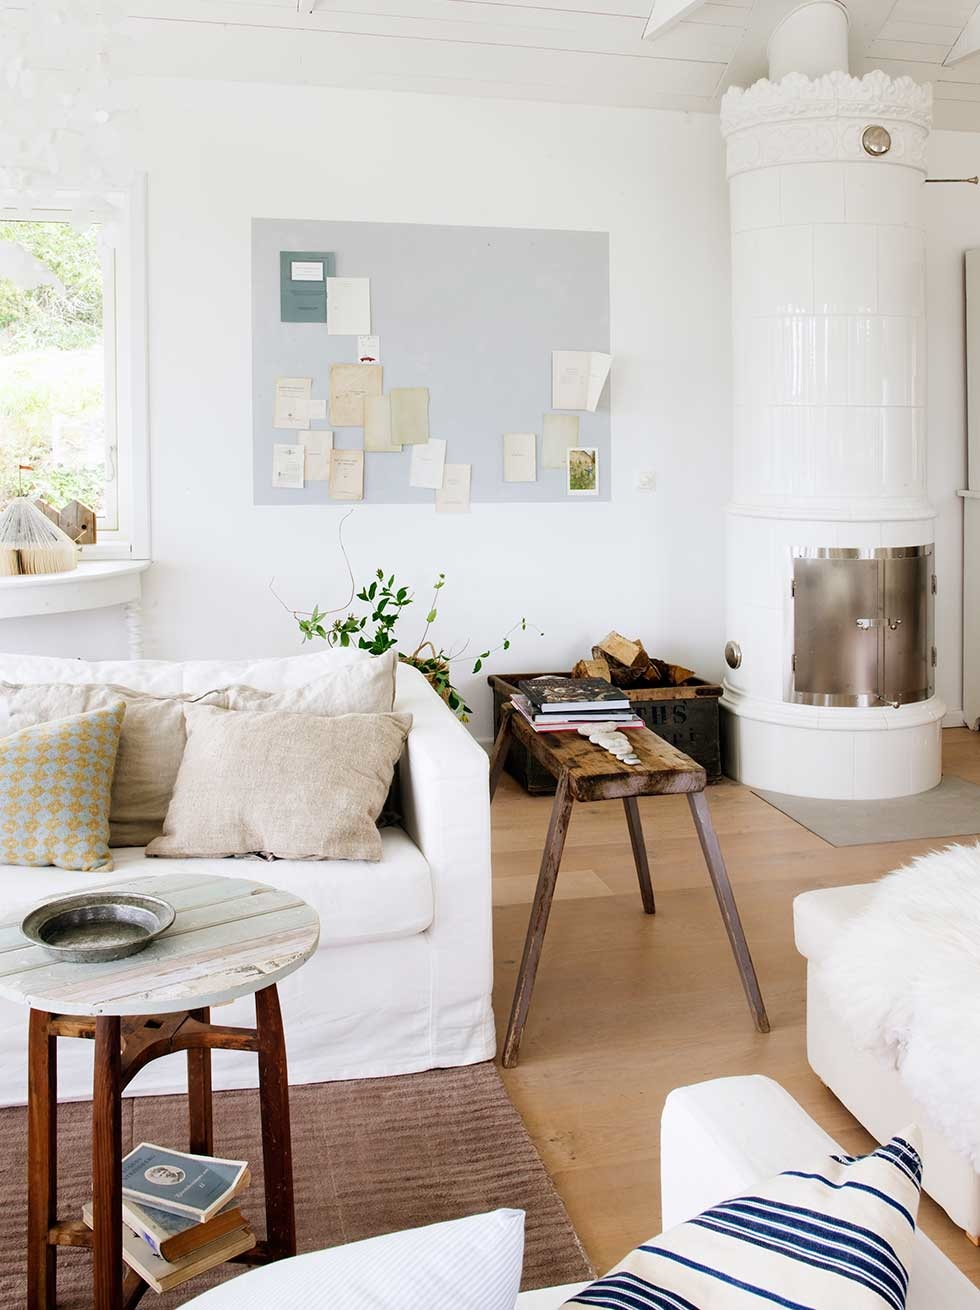 El estilo coastal cottage blog tienda decoraci n estilo n rdico delikatissen - Estilo nordico decoracion ...